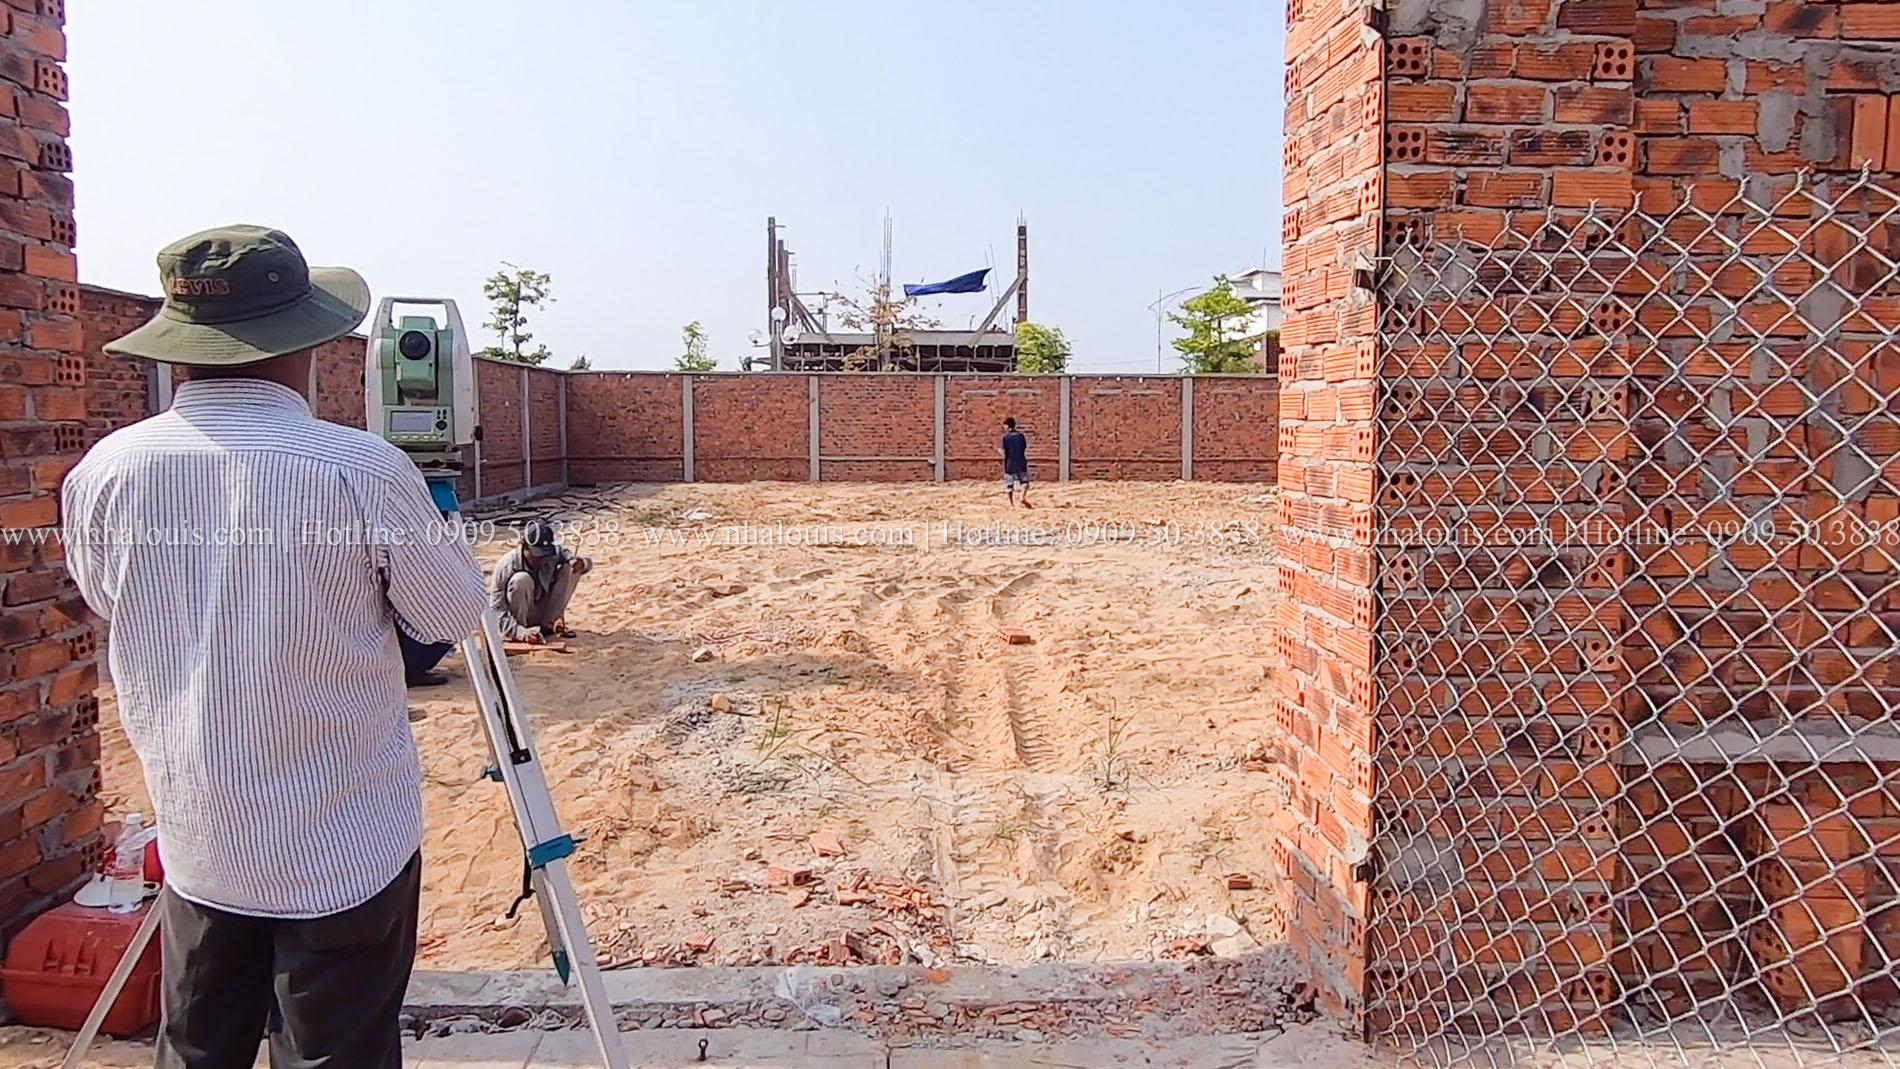 Khởi công xây dựng biệt thự tân cổ điển 3 tầng xa hoa tại Quảng Ngãi